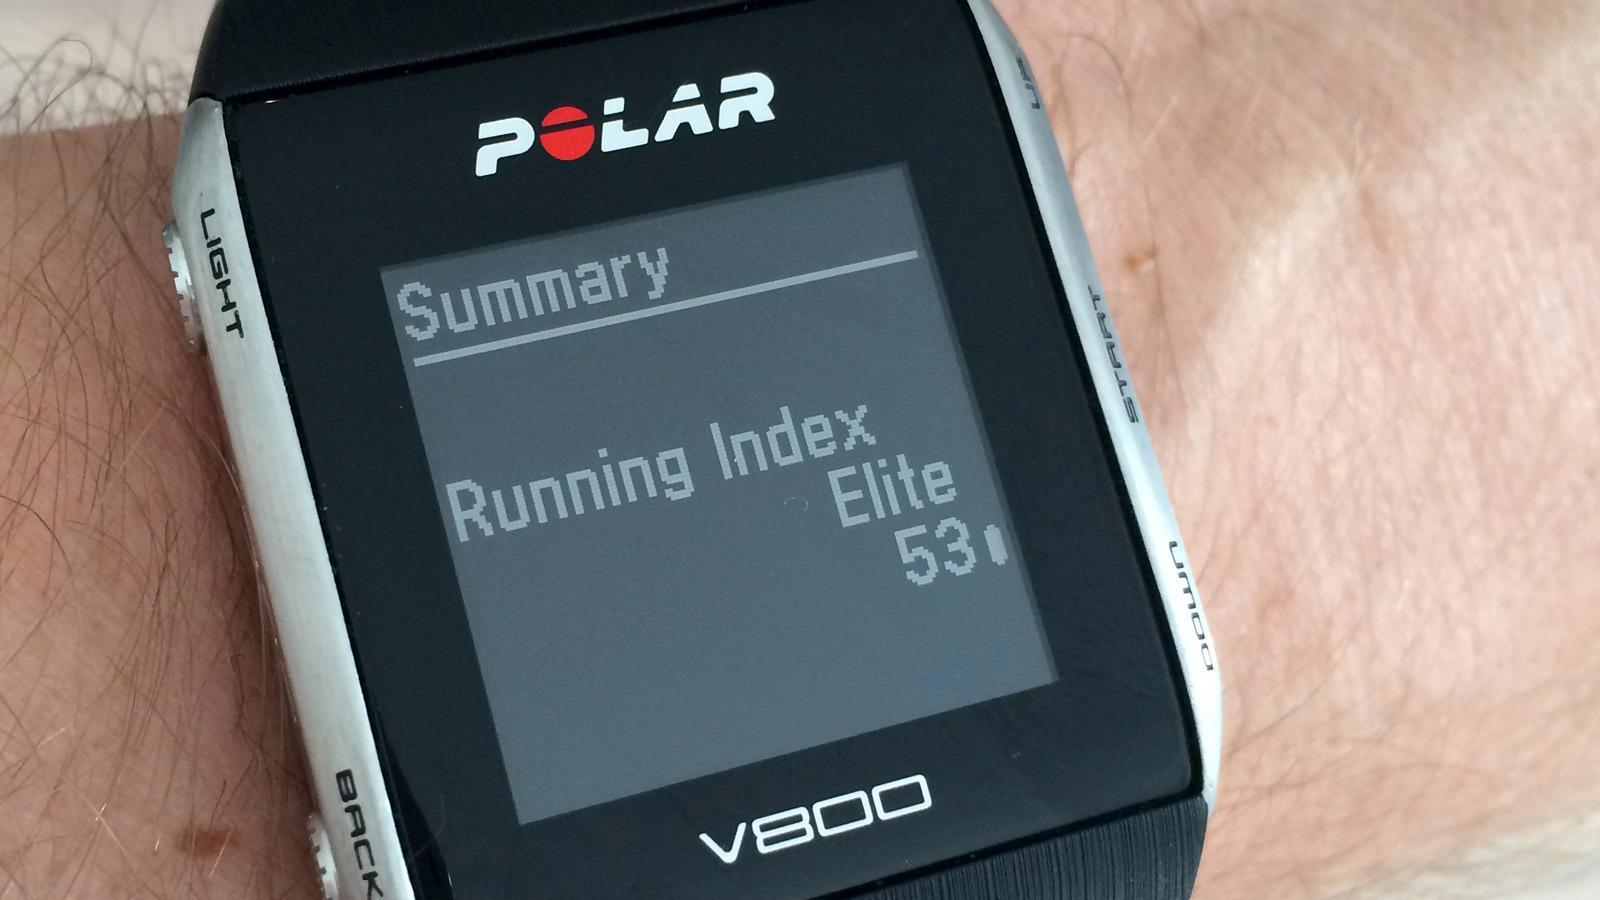 Løpsindeksen regnes ut etter løpet basert på en kombinasjon av alder, puls og fart, og i V800 tas det også hensyn til om du løper i oppover- eller nedoverbakker. Undertegnede er visstnok i god form til å være godt oppe i 40-årene, hevder klokken. Hvorfor jeg hele tiden blir forbiløpt må altså ha en annen forklaring.